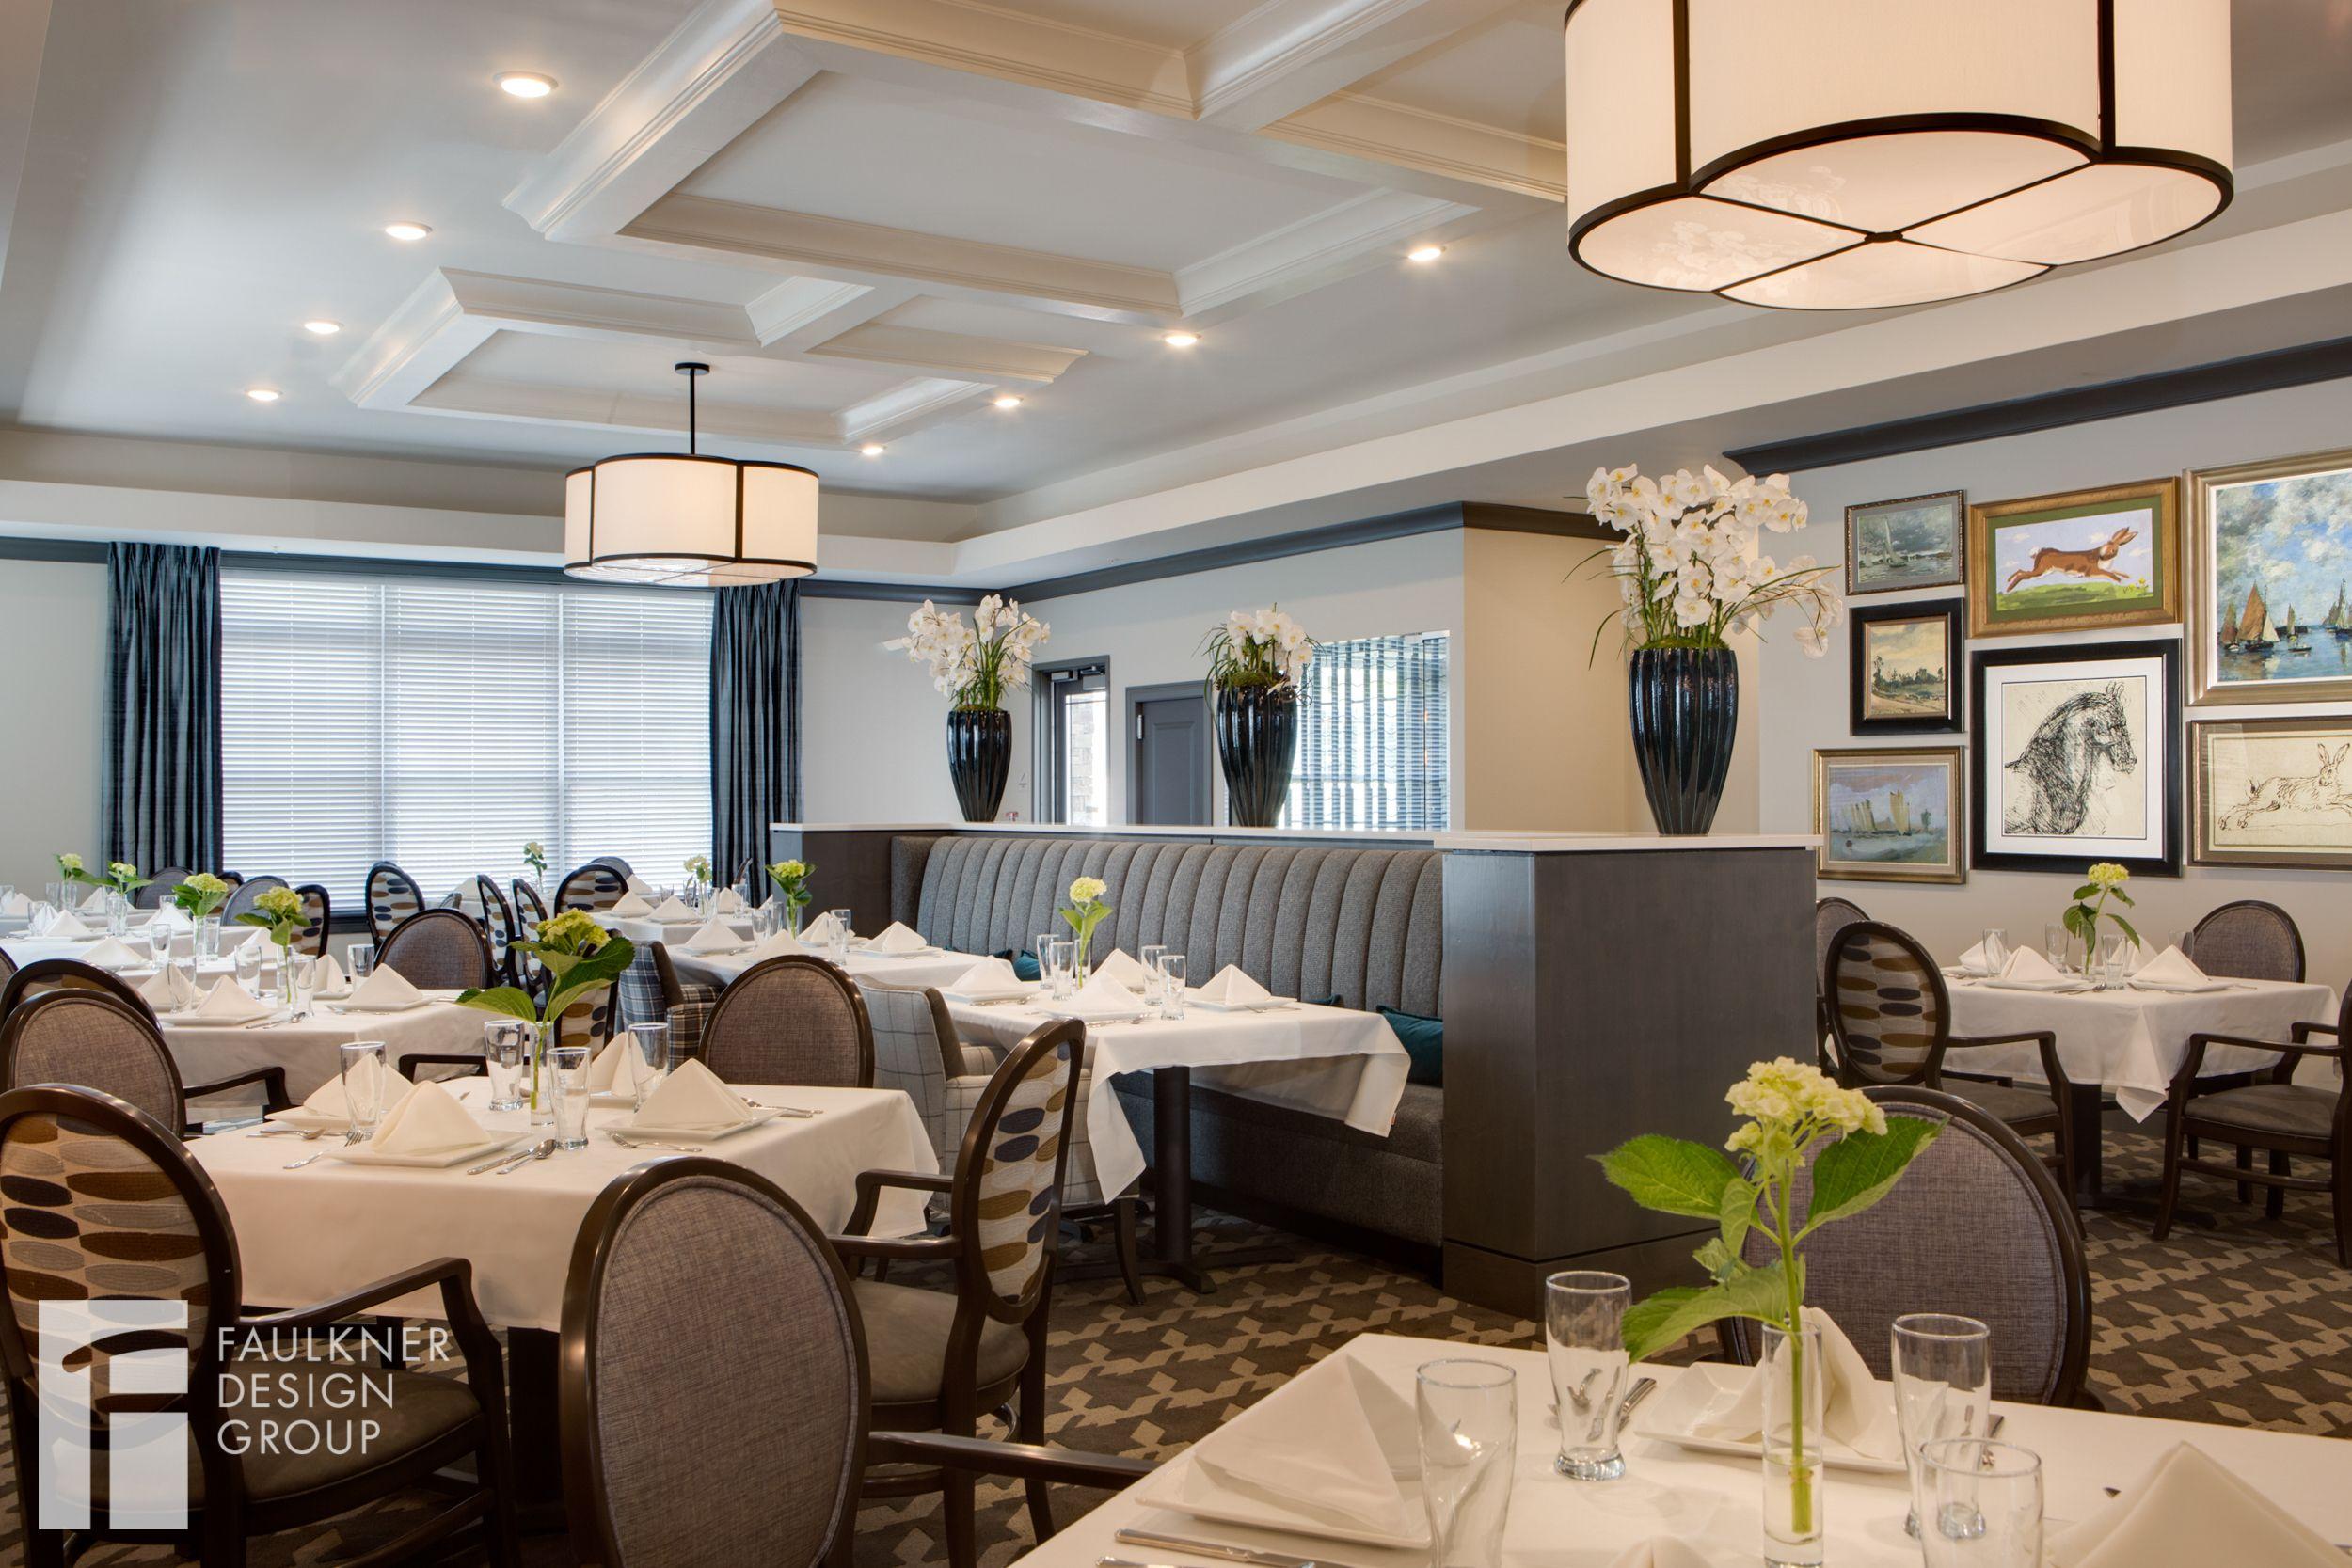 Senior Living Designed By Faulkner Design Group